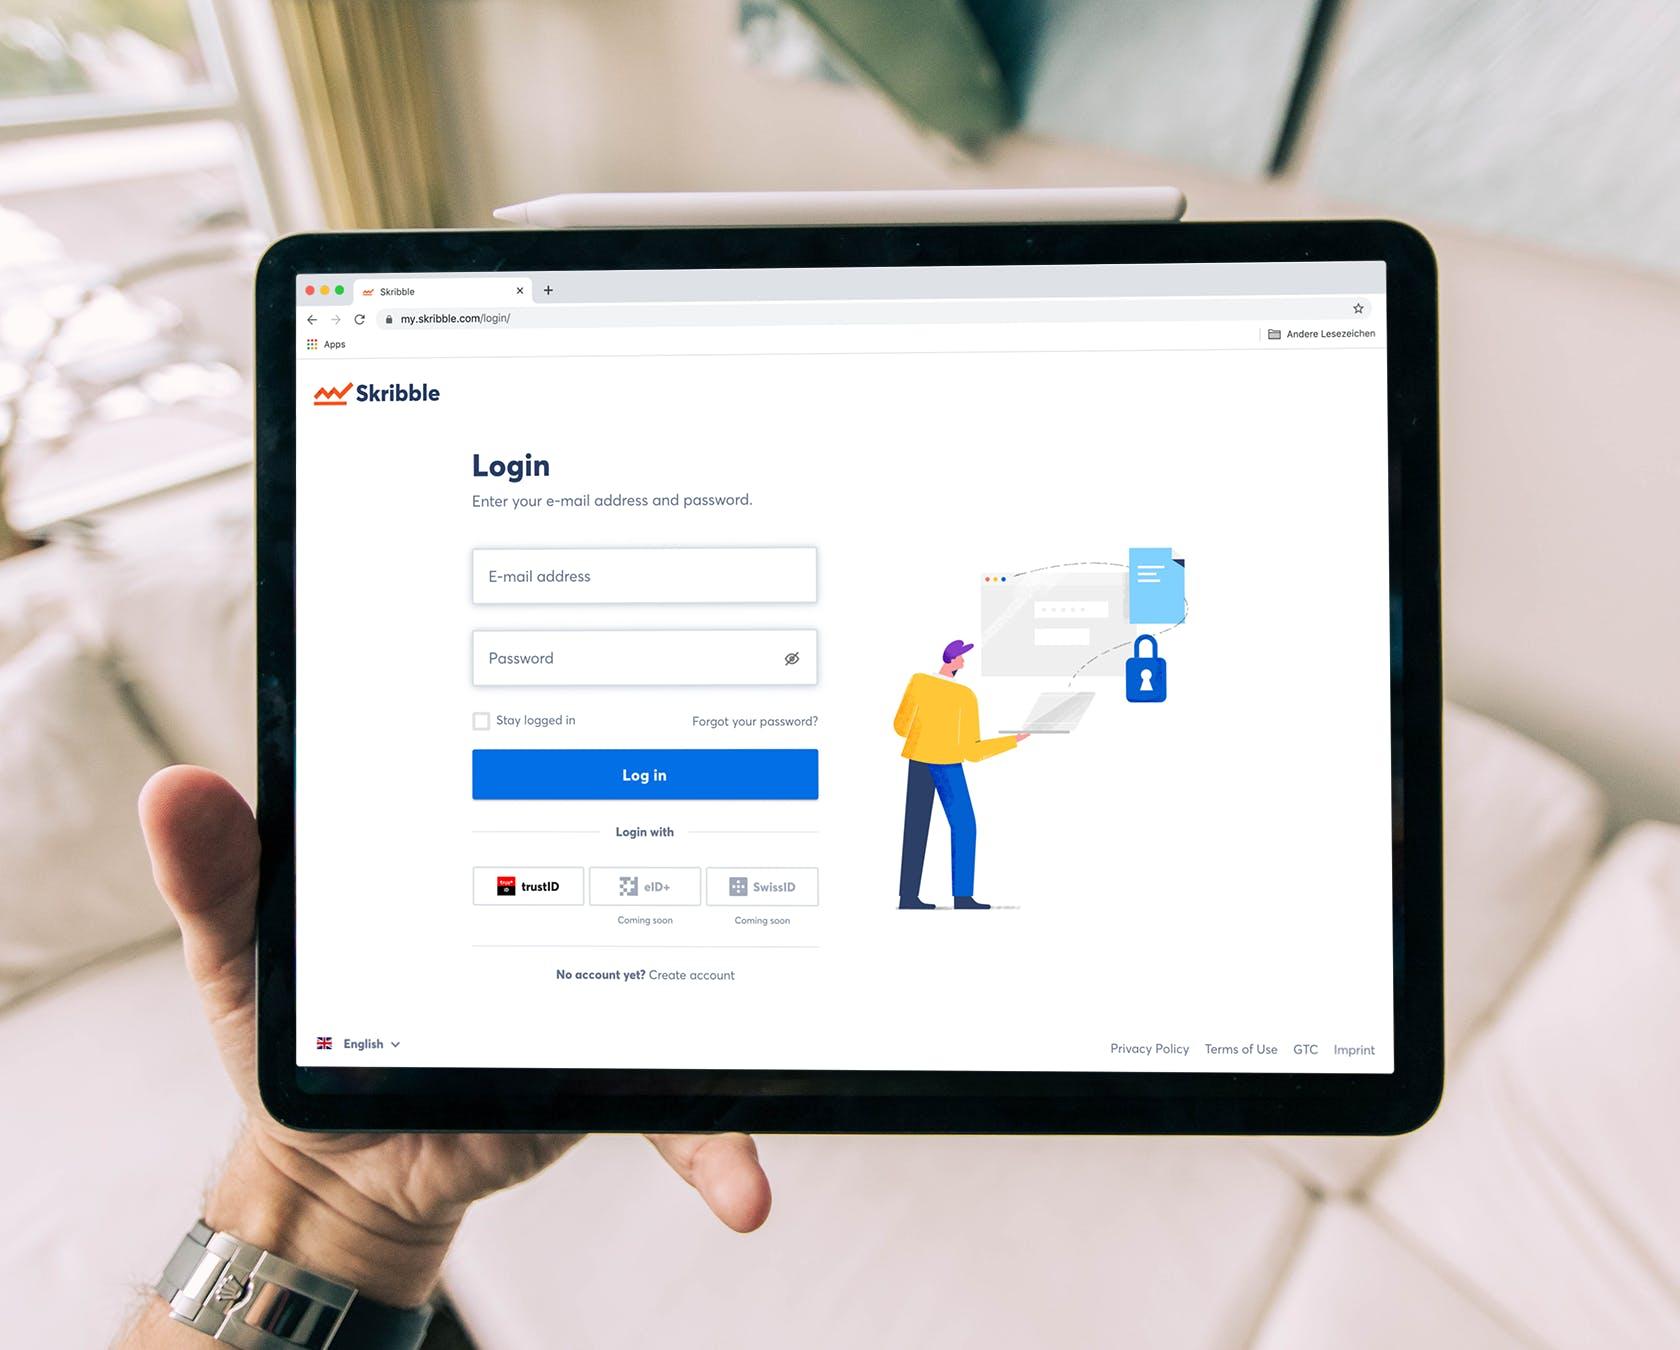 trustID-Besitzer können sich bei Skribble anmelden, ohne einen zusätzlichen Registrationsprozess durchlaufen zu müssen. (Quelle: Skribble, © Unsplash)